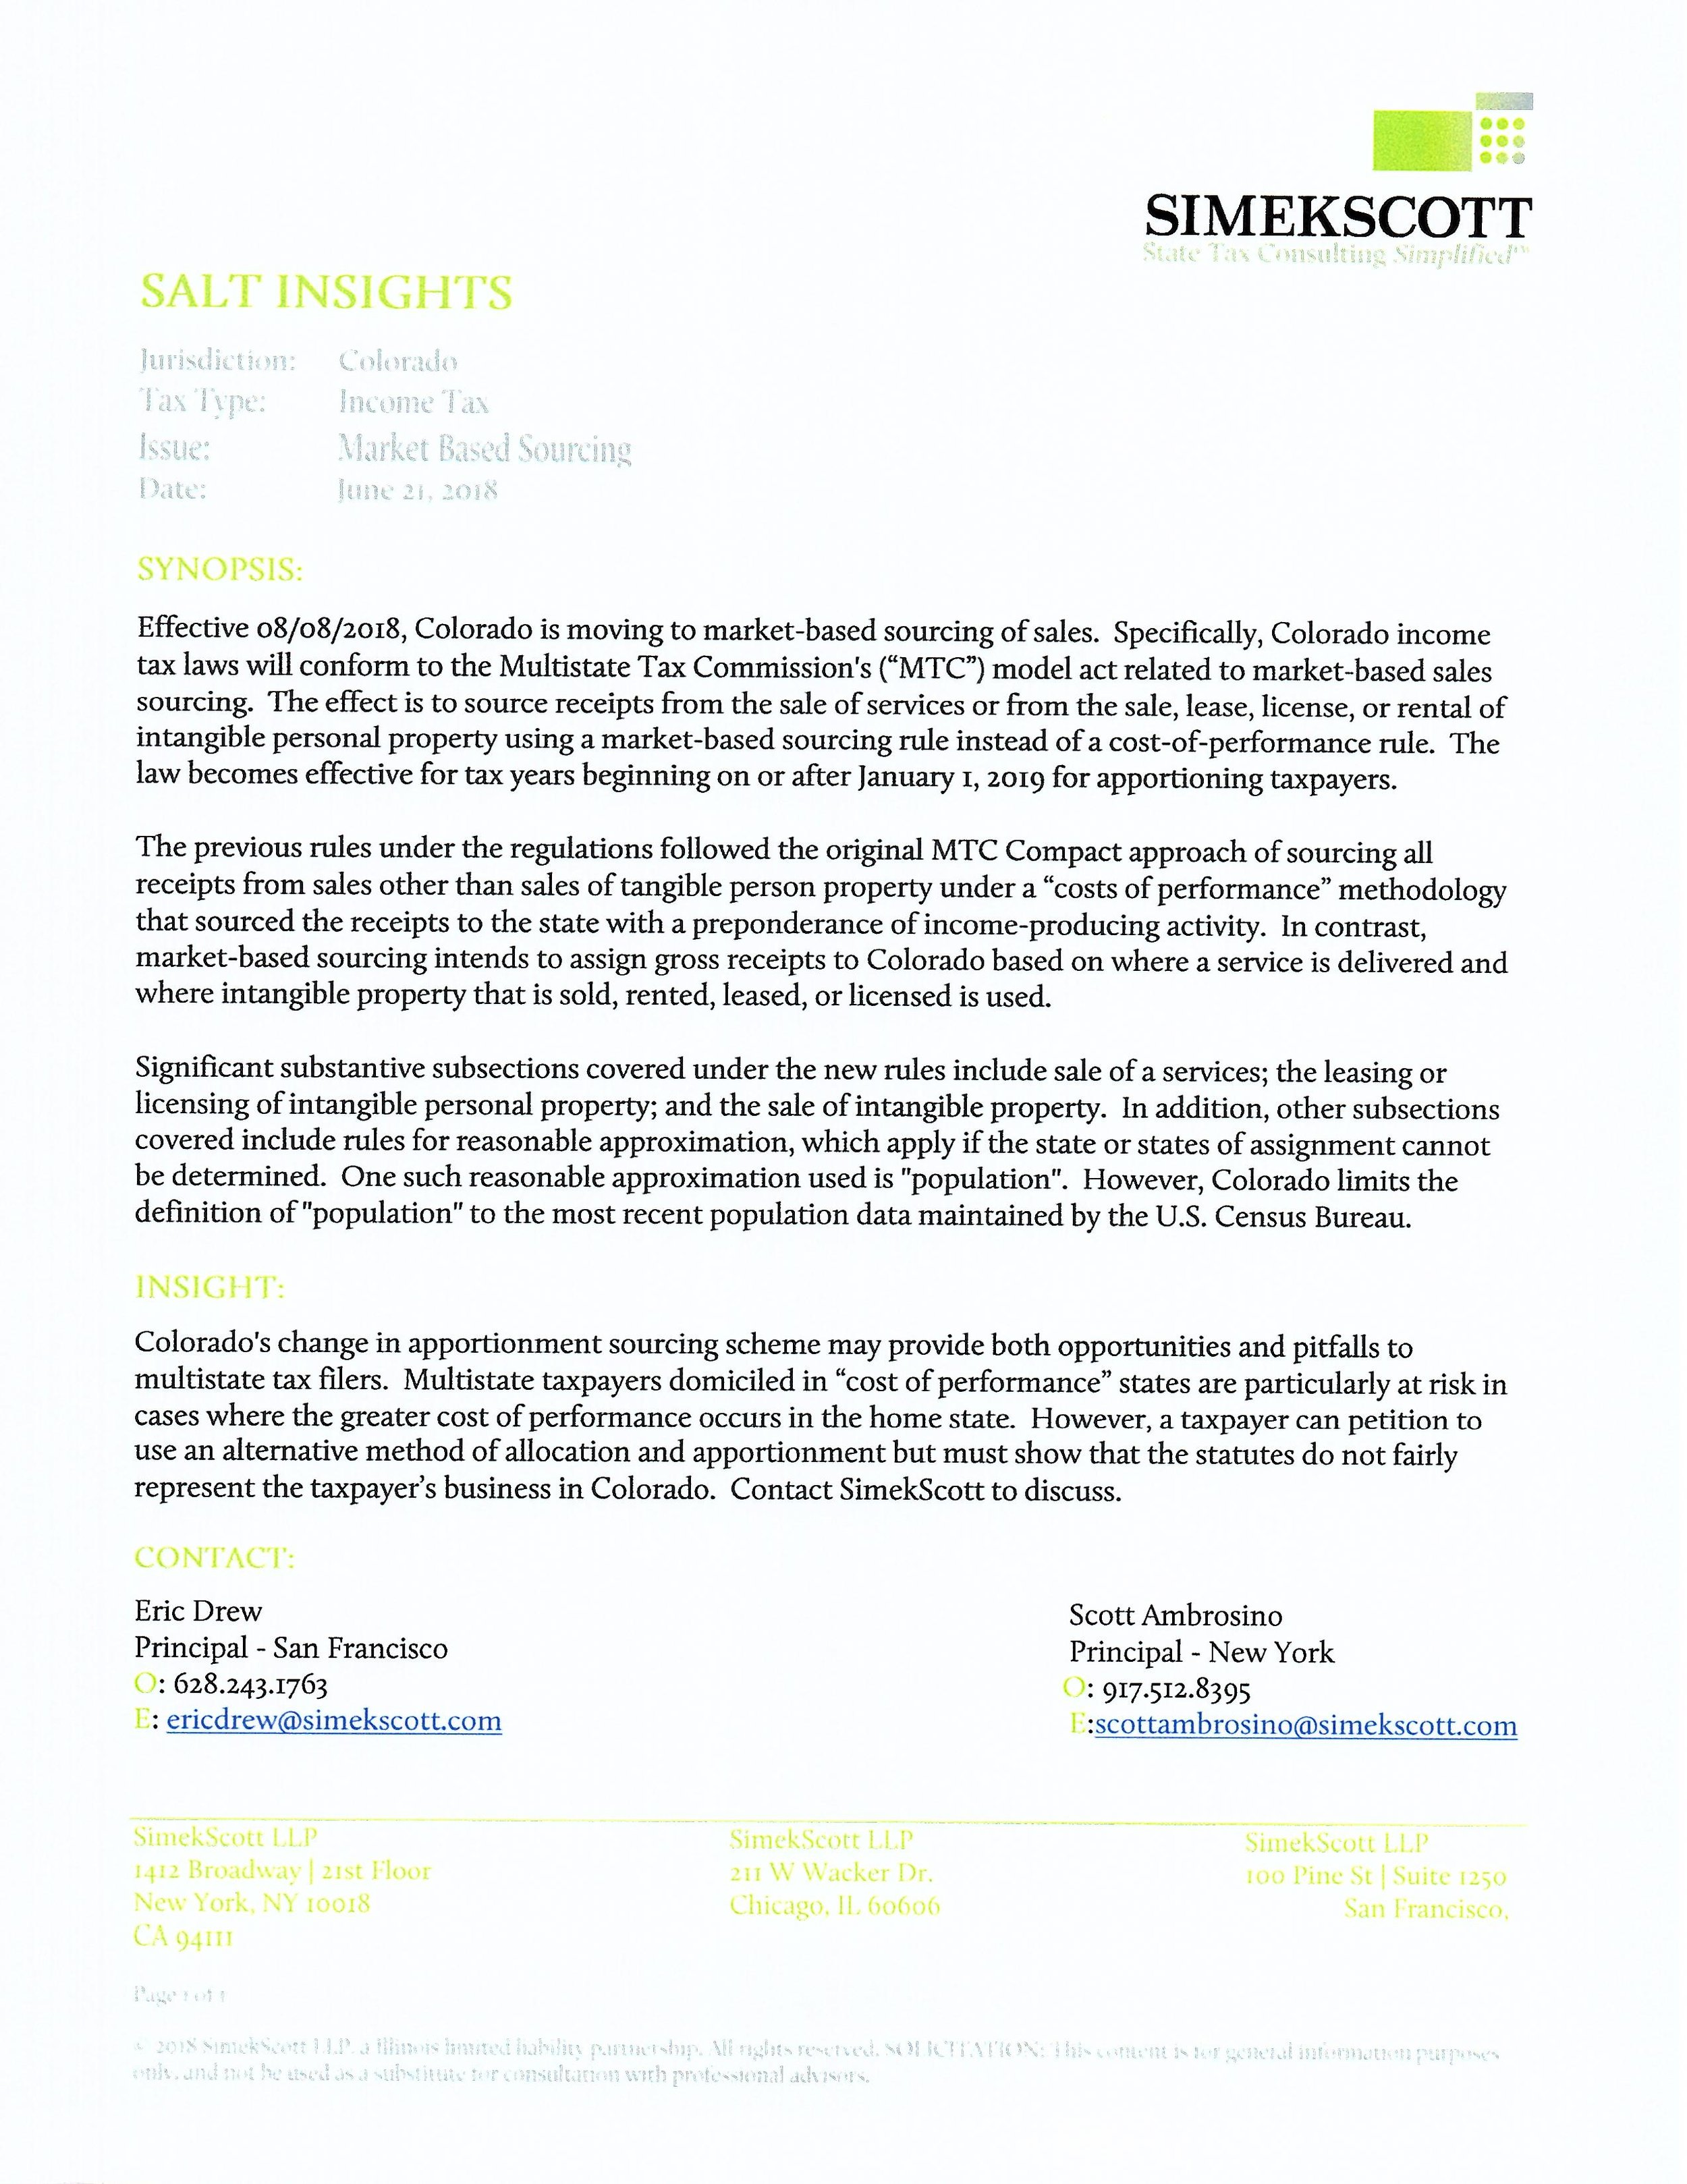 Colorado_Market_Based_Sourcing.jpg